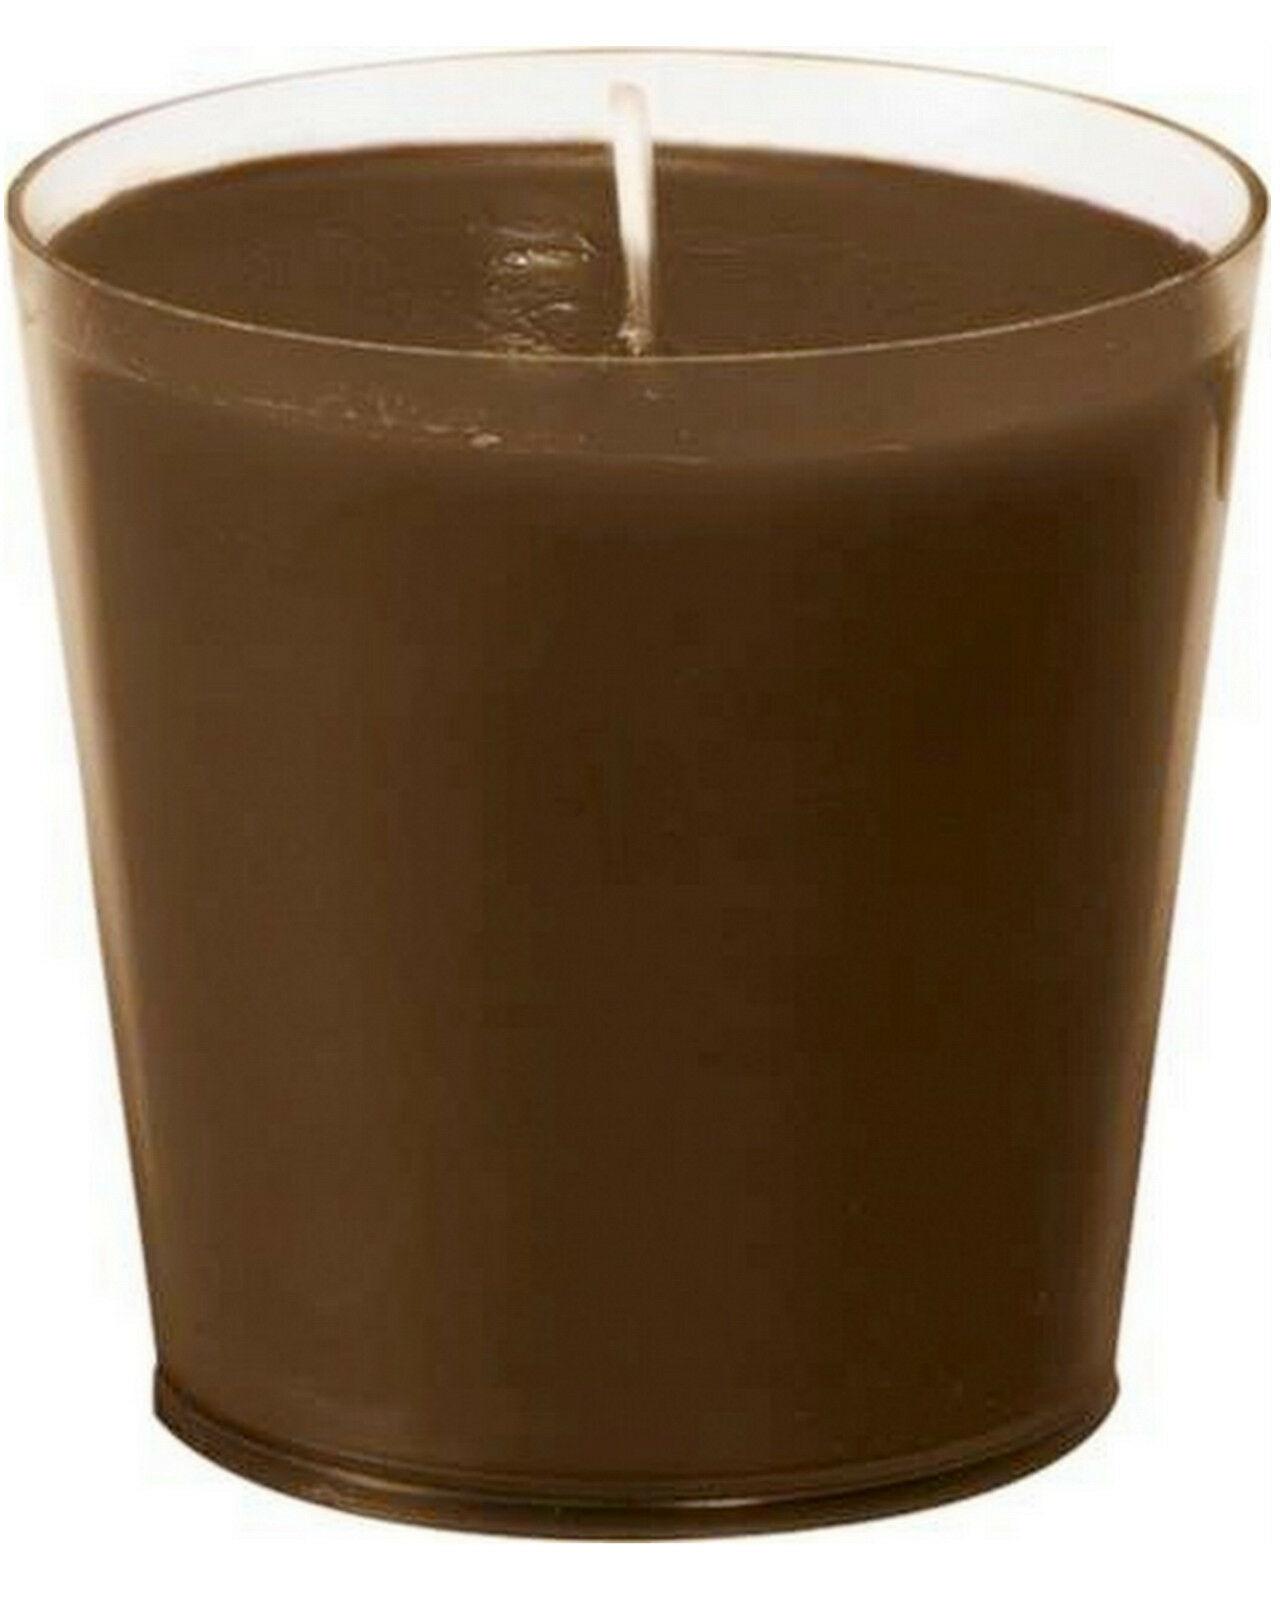 6-12 Stück Nachfüller Kerze 65 x 65mm 30h Acryl Cup Refill Wachs für Kerzenglas - Braun, 6 Stück